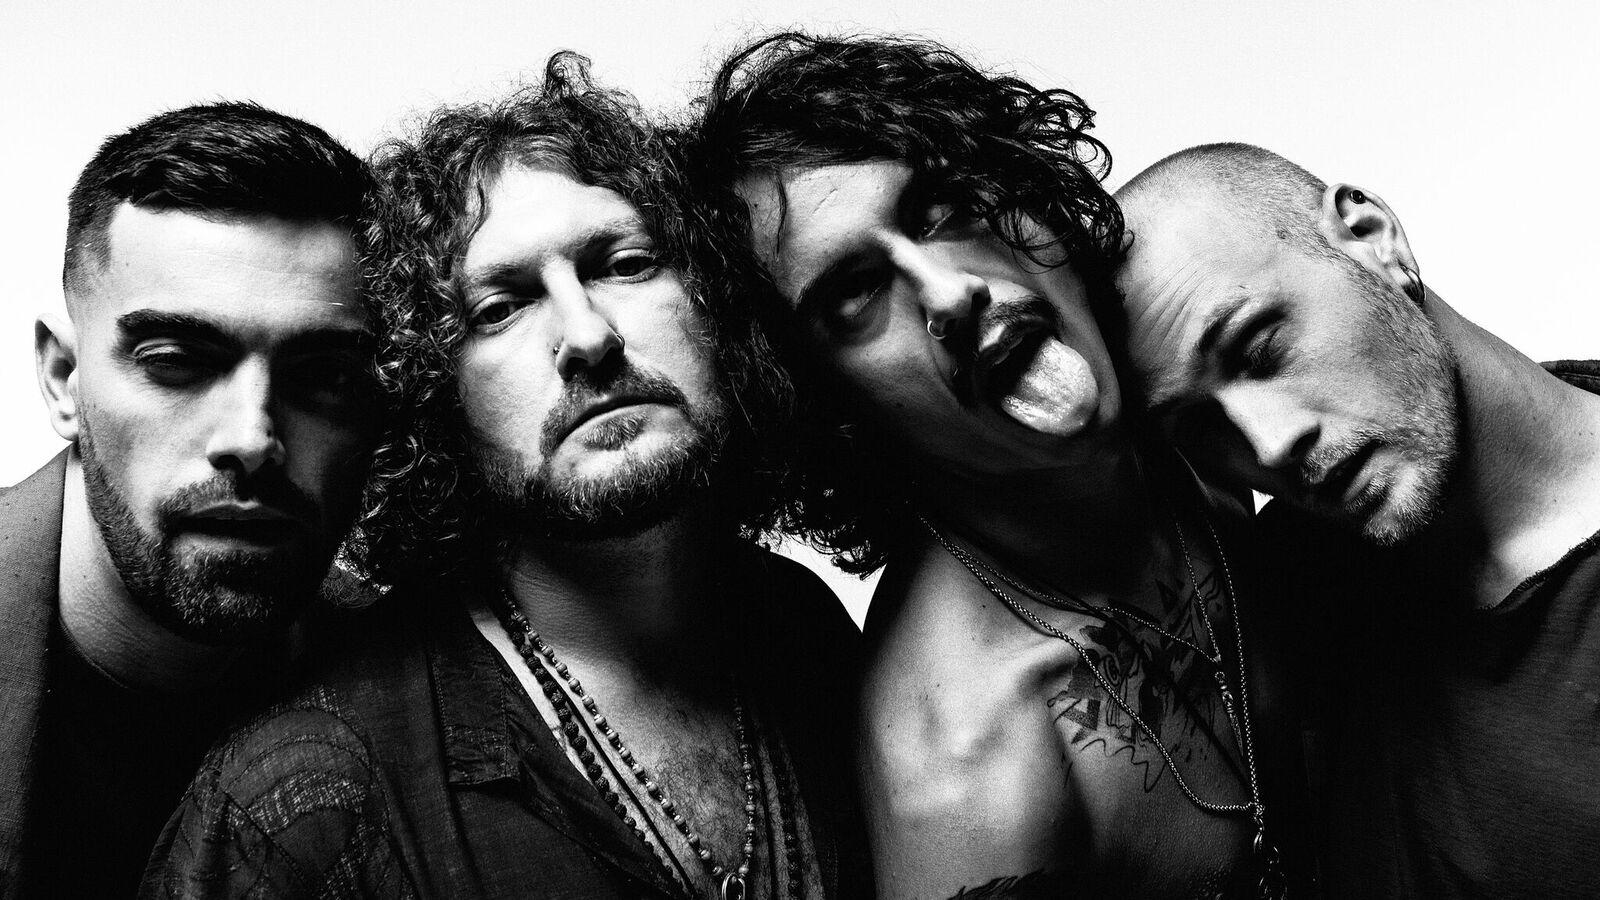 Це неприпустимо: американський рок-гурт бойкотував гастролі у Росії